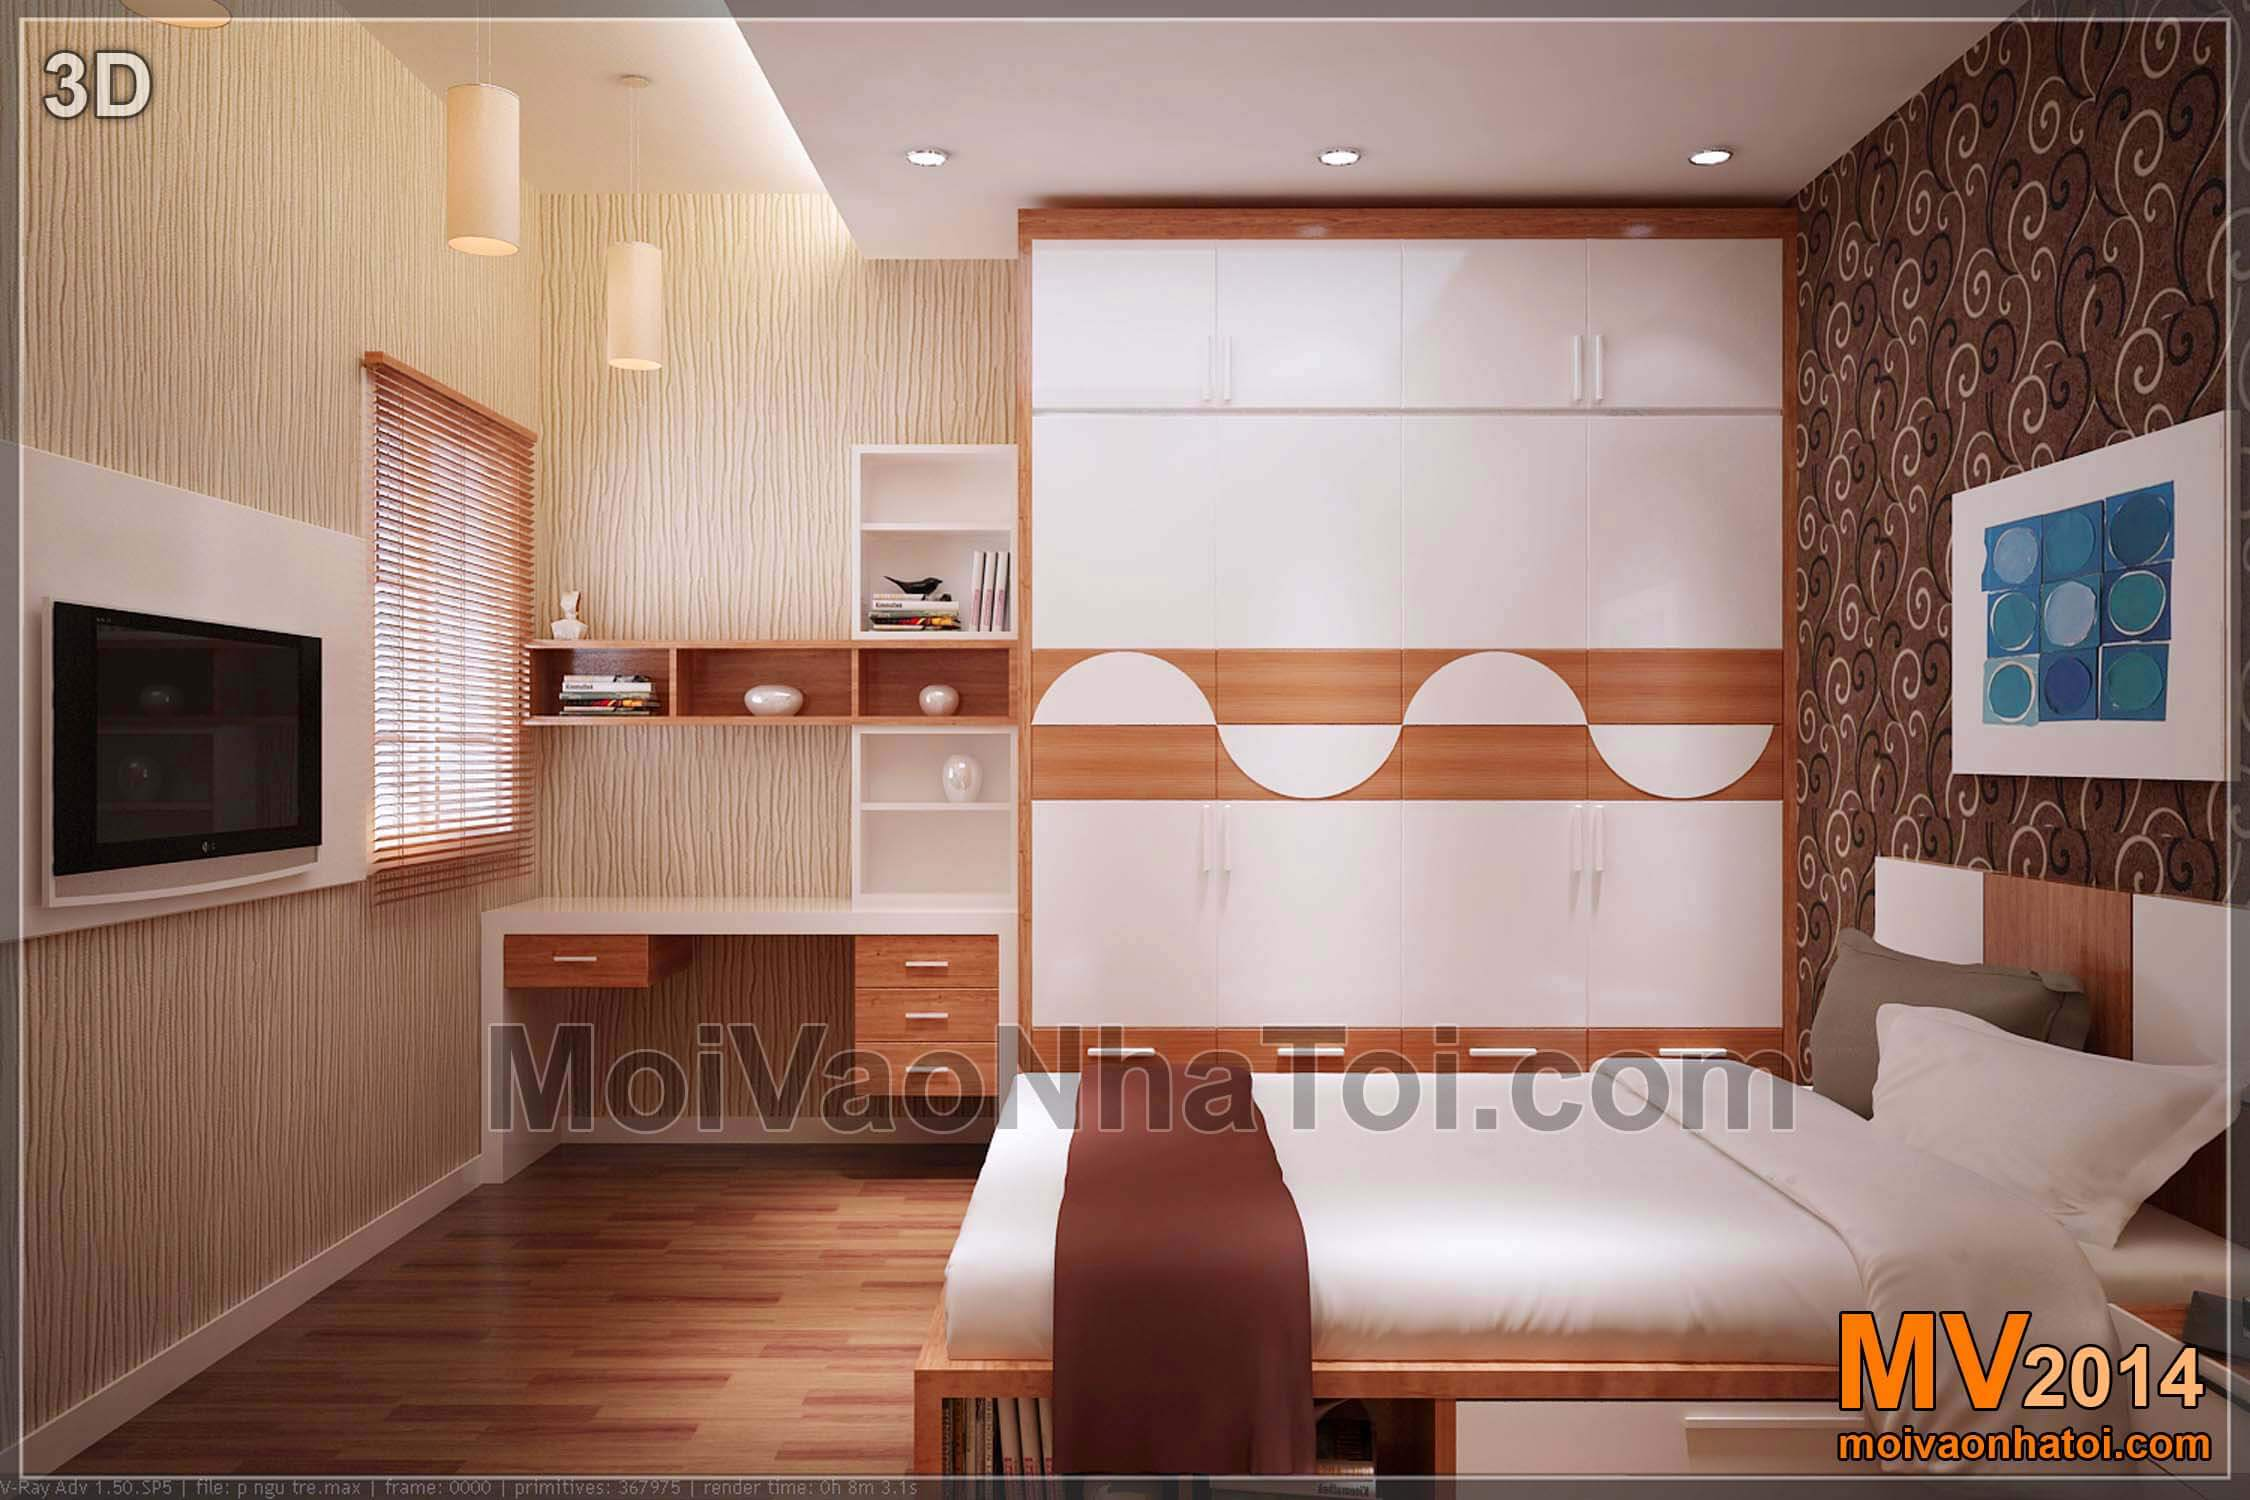 3D mulberrylane byt dětská ložnice